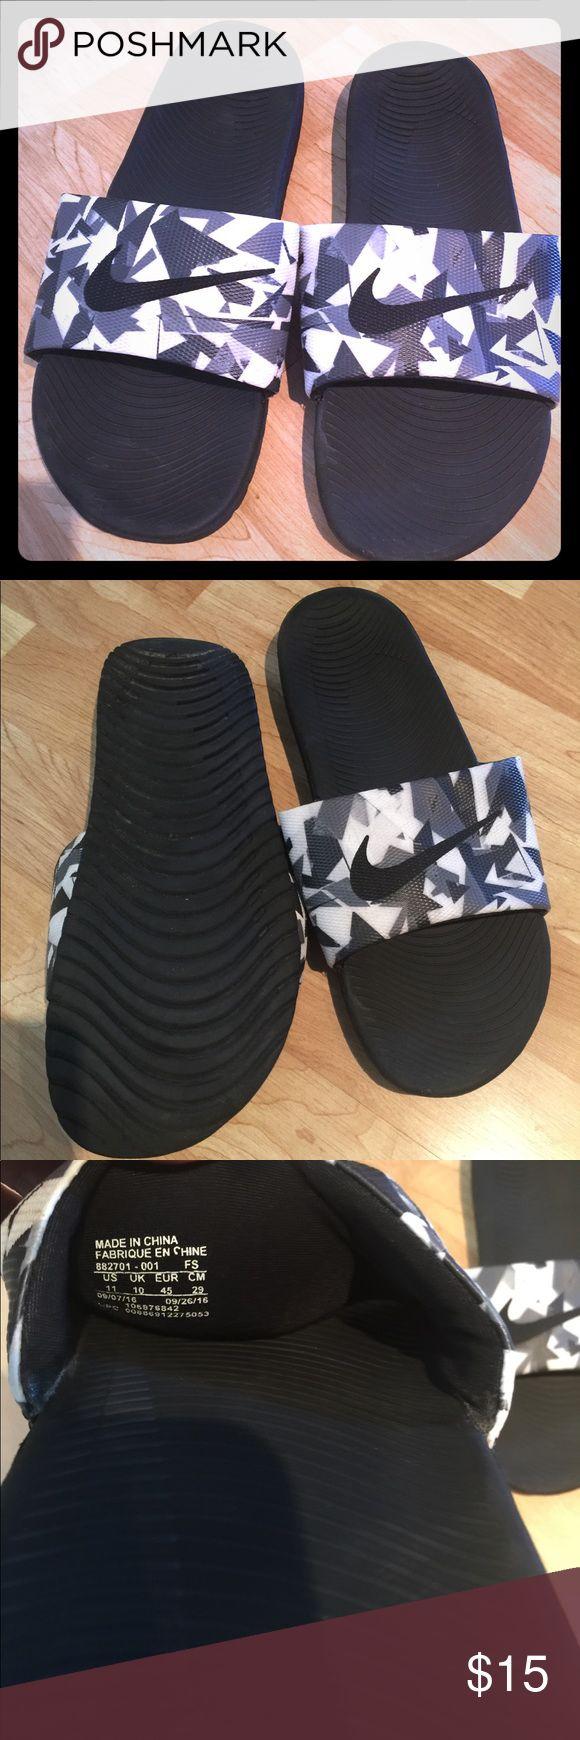 Nike slides men's 11 Nike slides men's 11. In excellent condition. Bundle and save. Nike Shoes Sandals & Flip-Flops